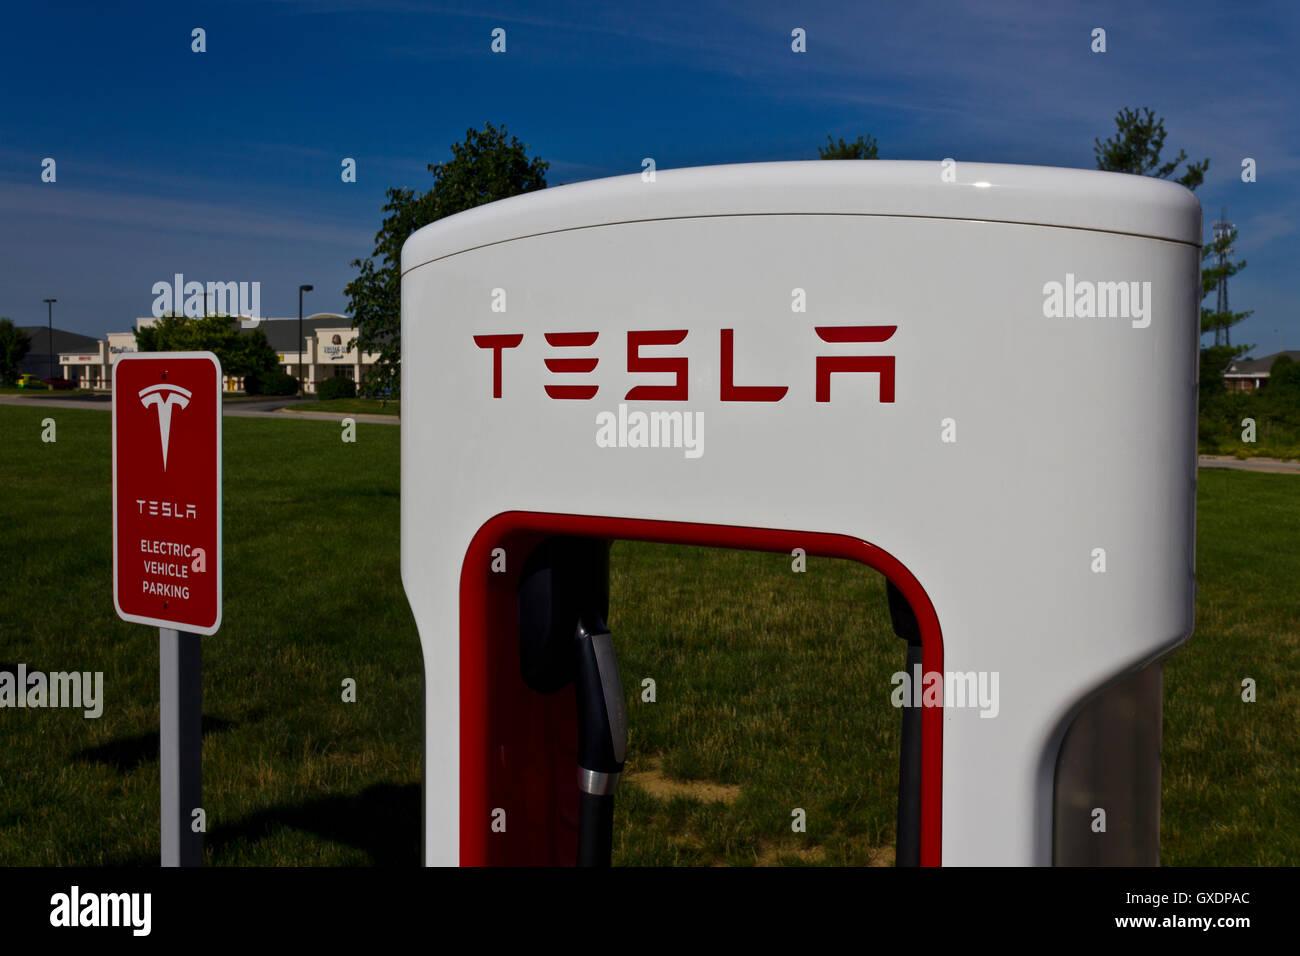 Tesla Supercharger Stock Photos Amp Tesla Supercharger Stock